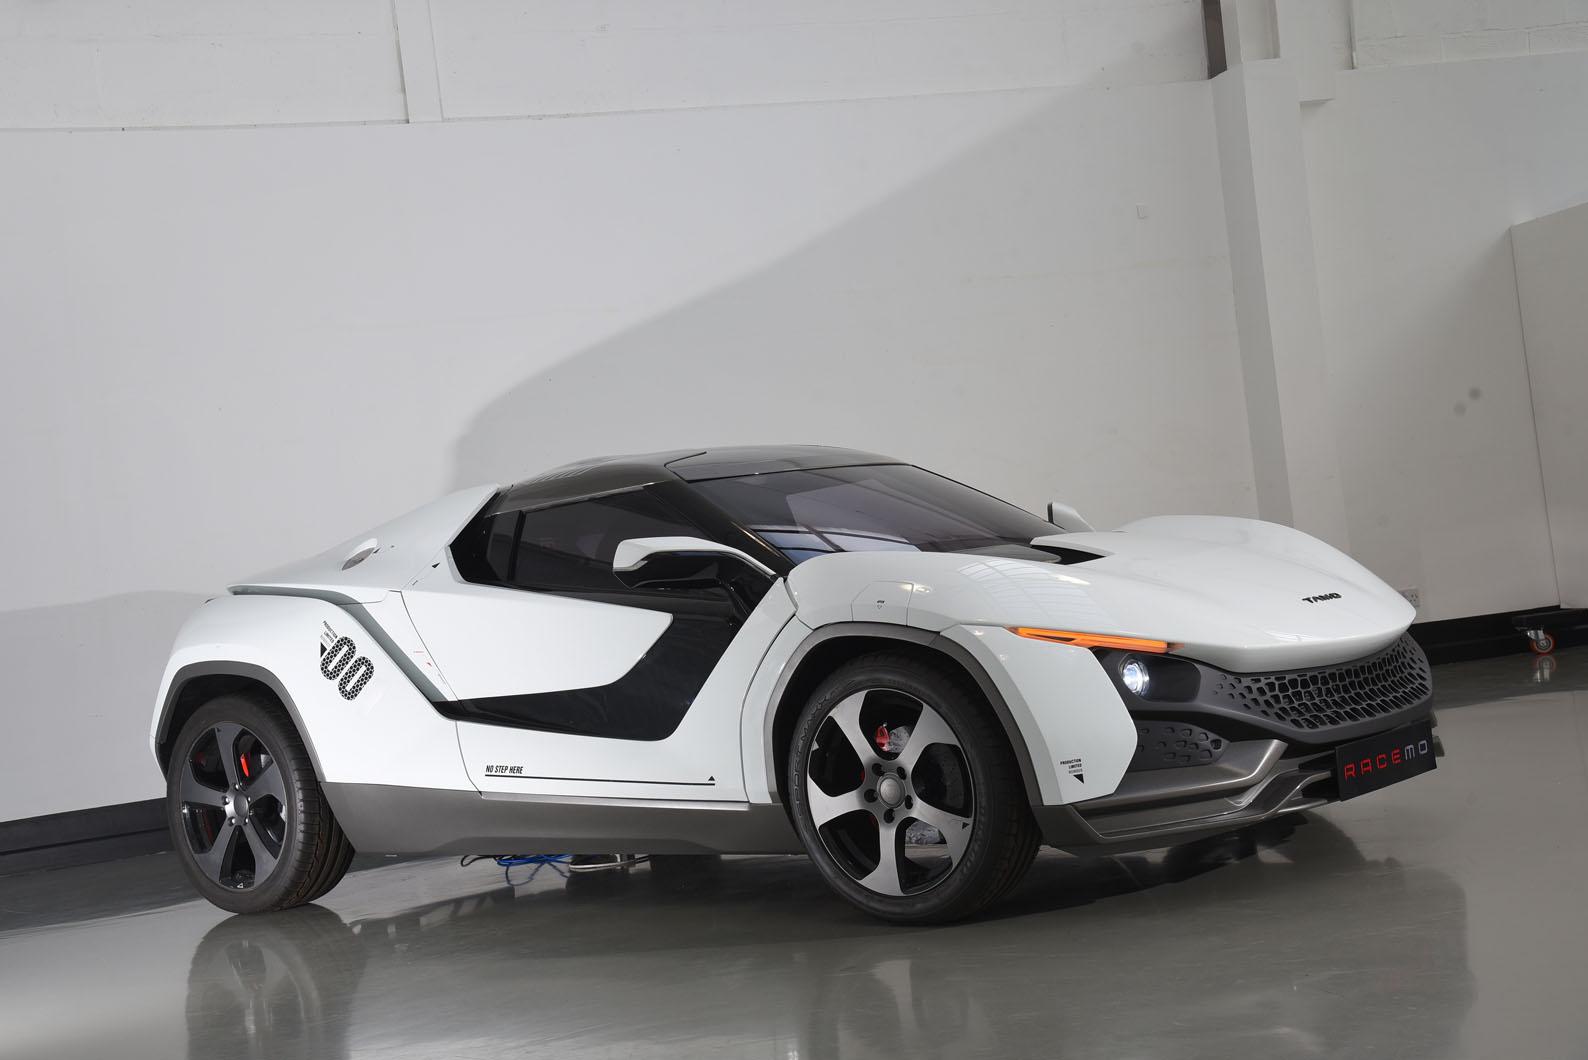 Insight: первый спортивный автомобиль Tamo, Racemo